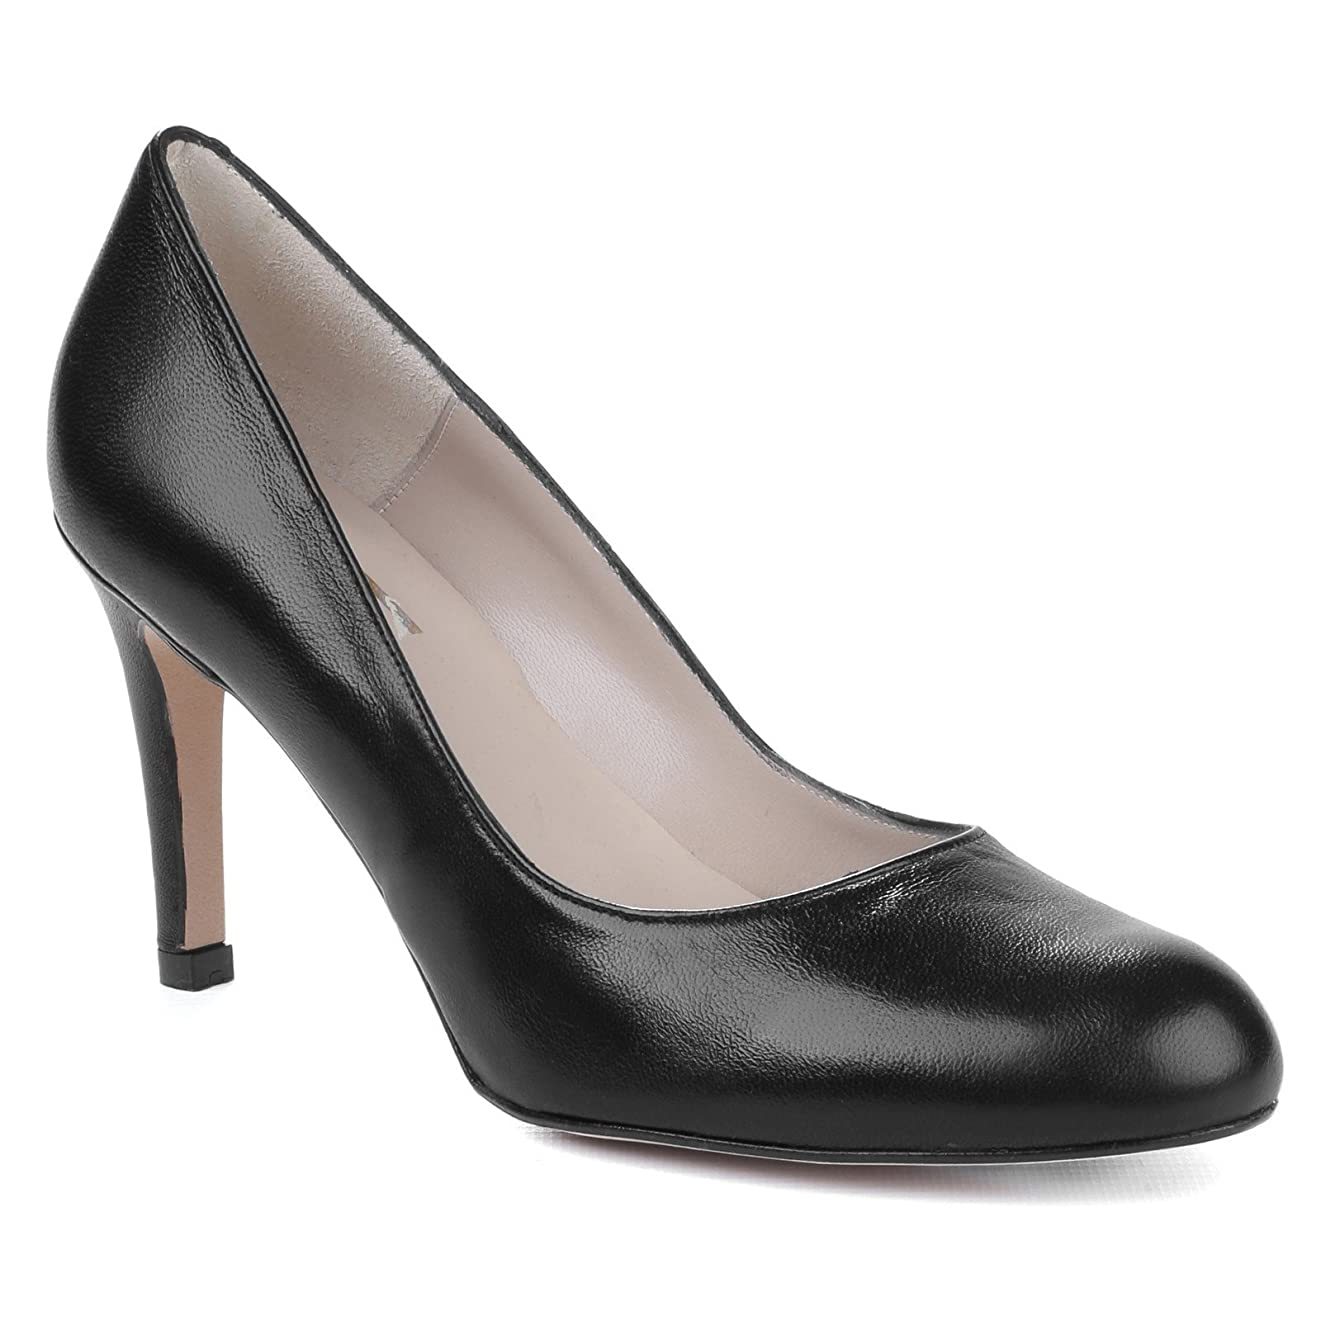 道徳教育何低下(リーバ) Riva レディース プレーン ハイヒール パンプス 婦人靴 オフィス フォーマル シューズ 女性用 (8 UK) (ブラック)